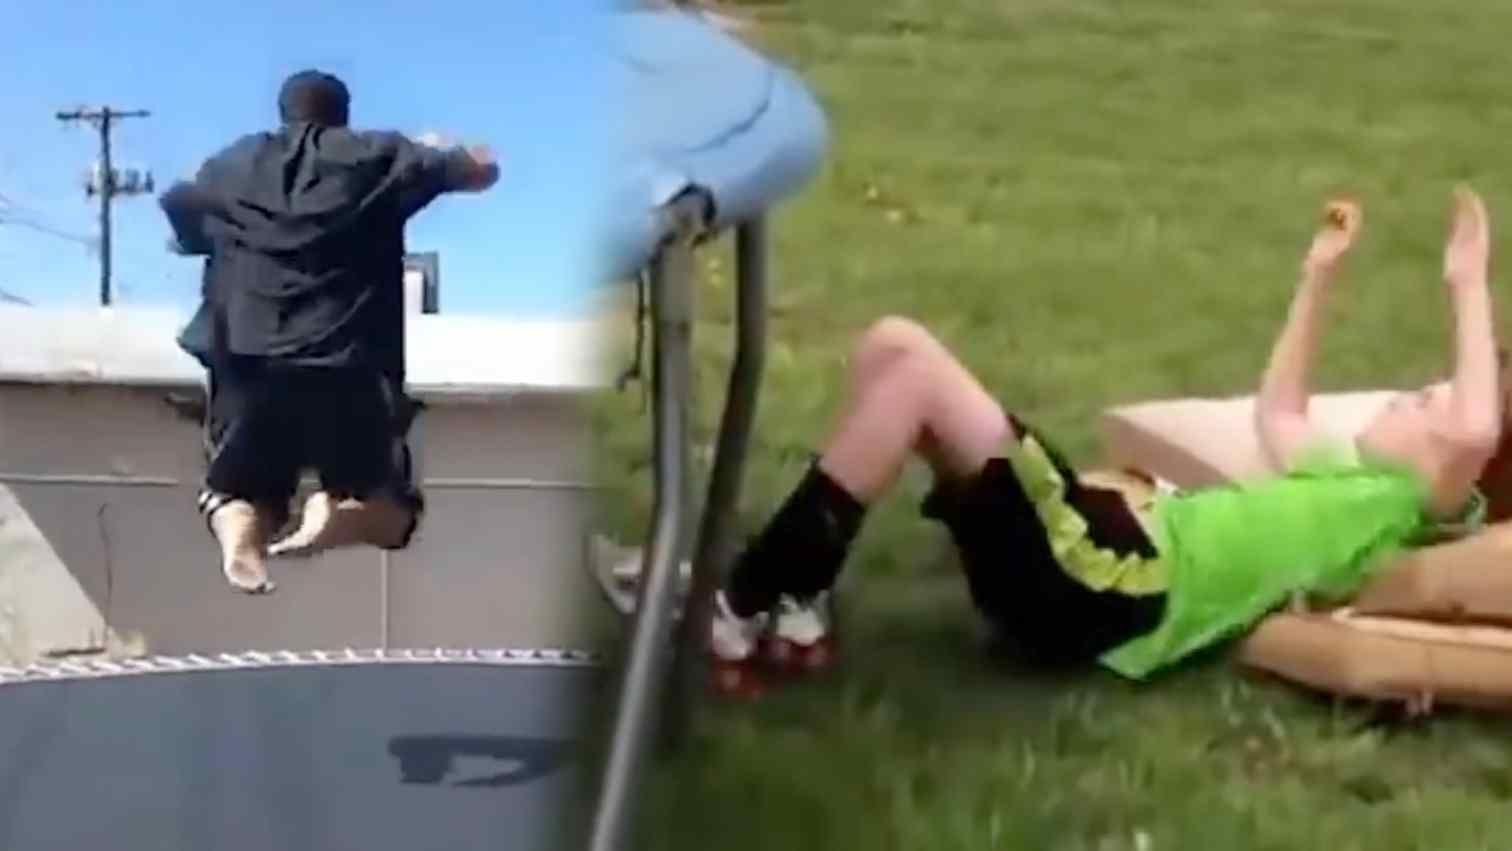 Vor Allem Kleine Kinder Sind Gefahrdet Wann Wird Trampolin Springen Wirklich Gefahrlich In 2020 Trampolin Trampoline Kleinkind